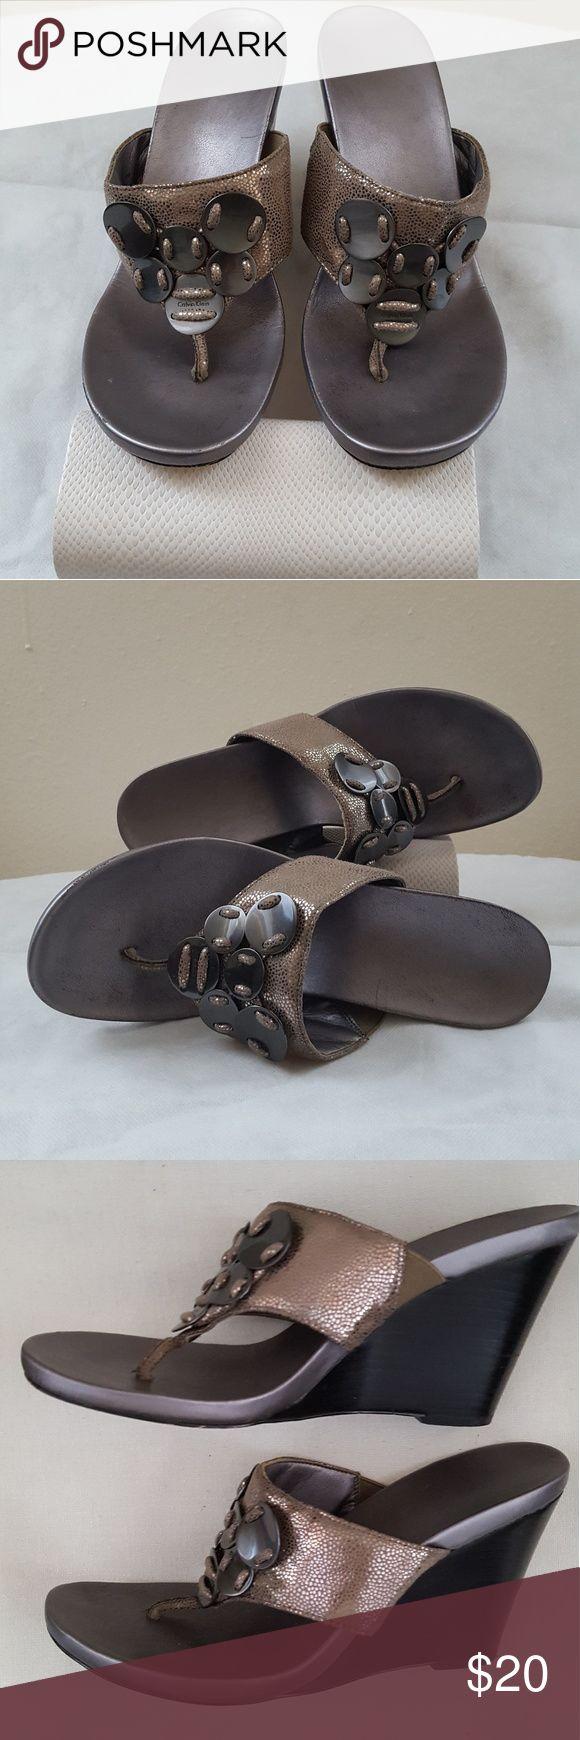 Calvin Klein Women's Sandals,  Size 8.5M Stunning wedges in good condition . Size 8.5M Calvin Klein Shoes Sandals